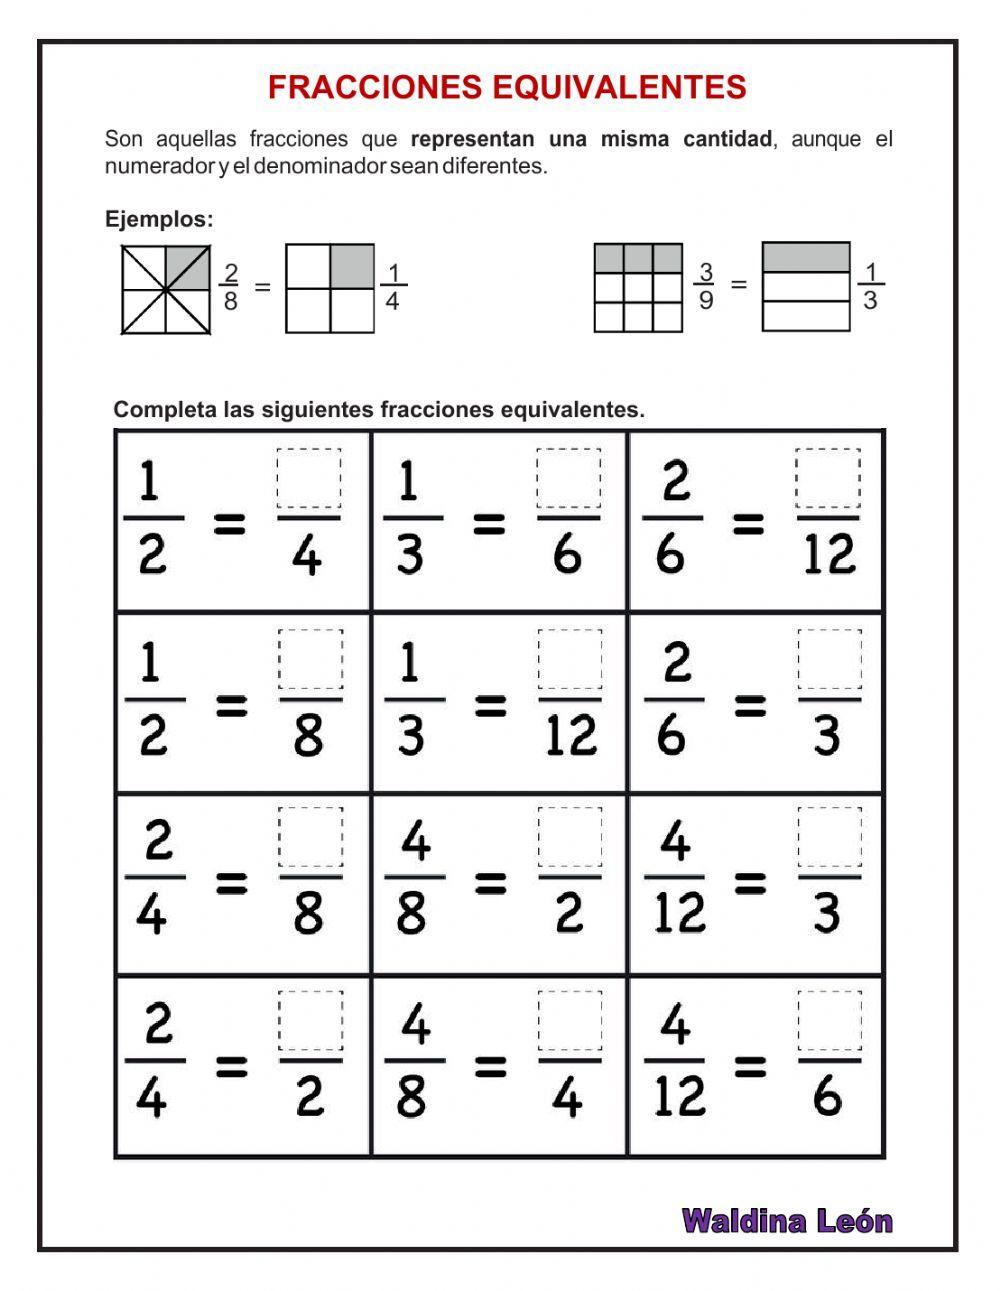 Fracciones Equivalentes Ficha Interactiva Fracciones Para Primaria Ejercicios De Fracciones Fracciones